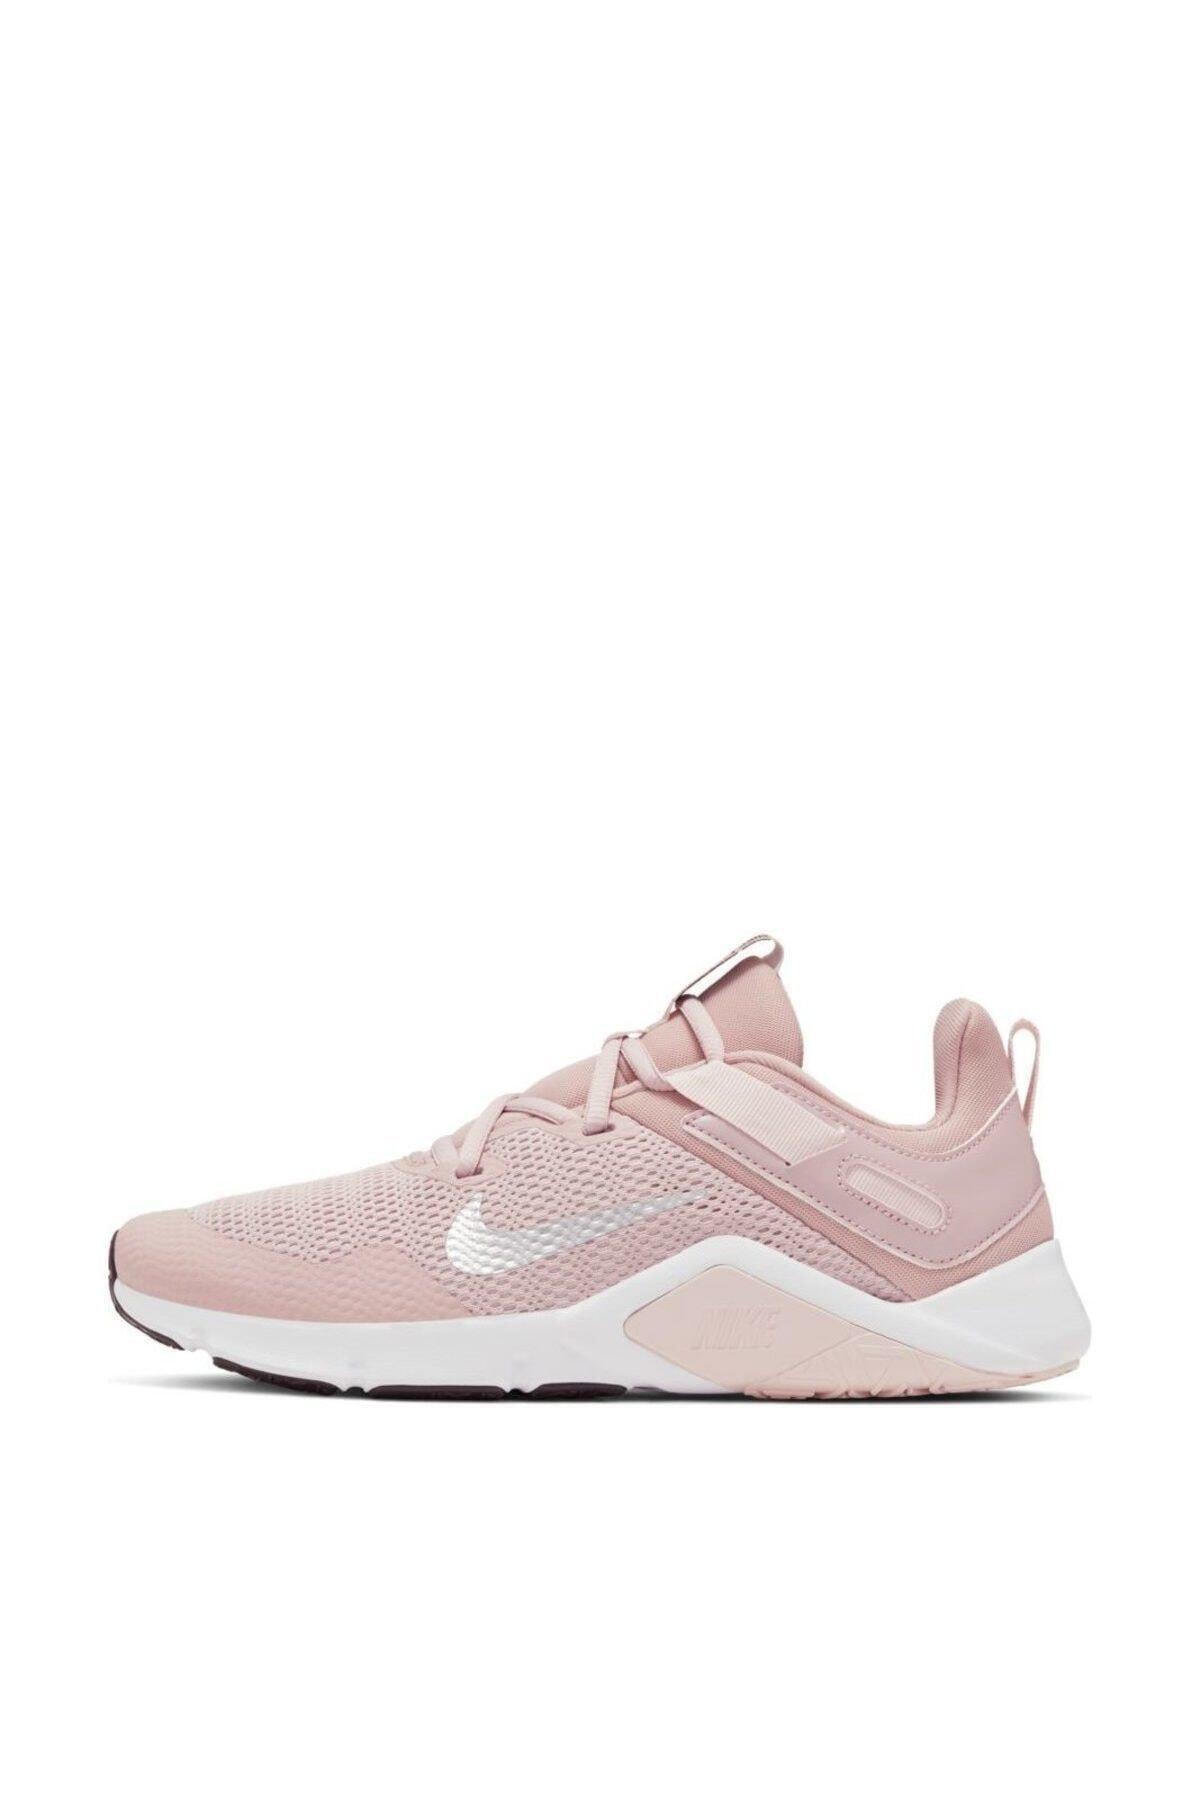 Nike Kadın Koşu & Antrenman Ayakkabısı - WMNS LEGEND ESSENTIAL   CD0212-200 2